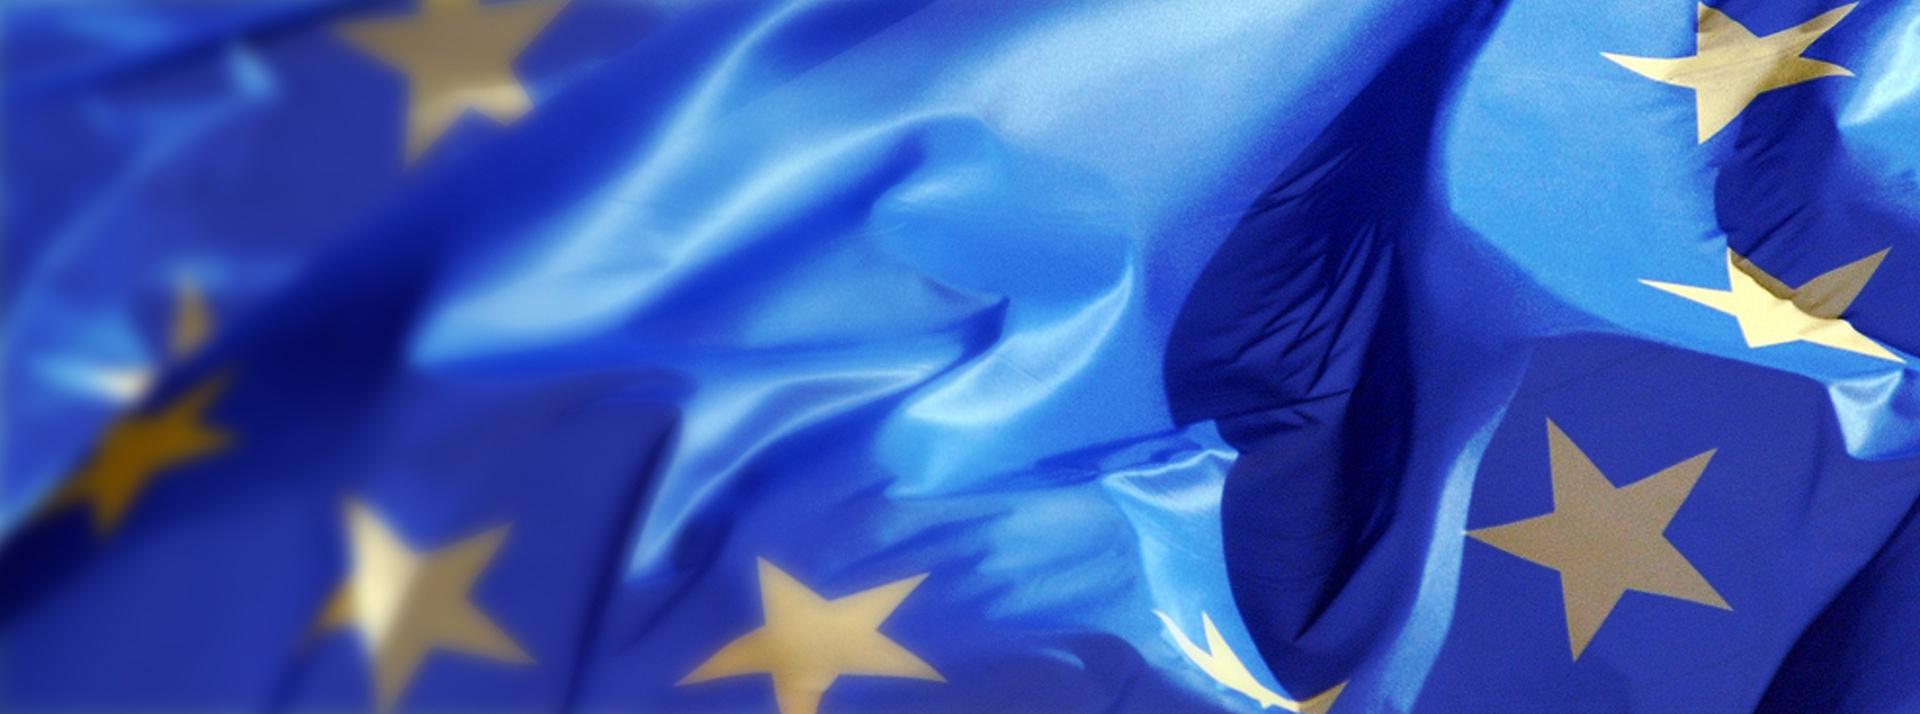 L'Europe : un recours pour la défense des valeurs du travail social ?